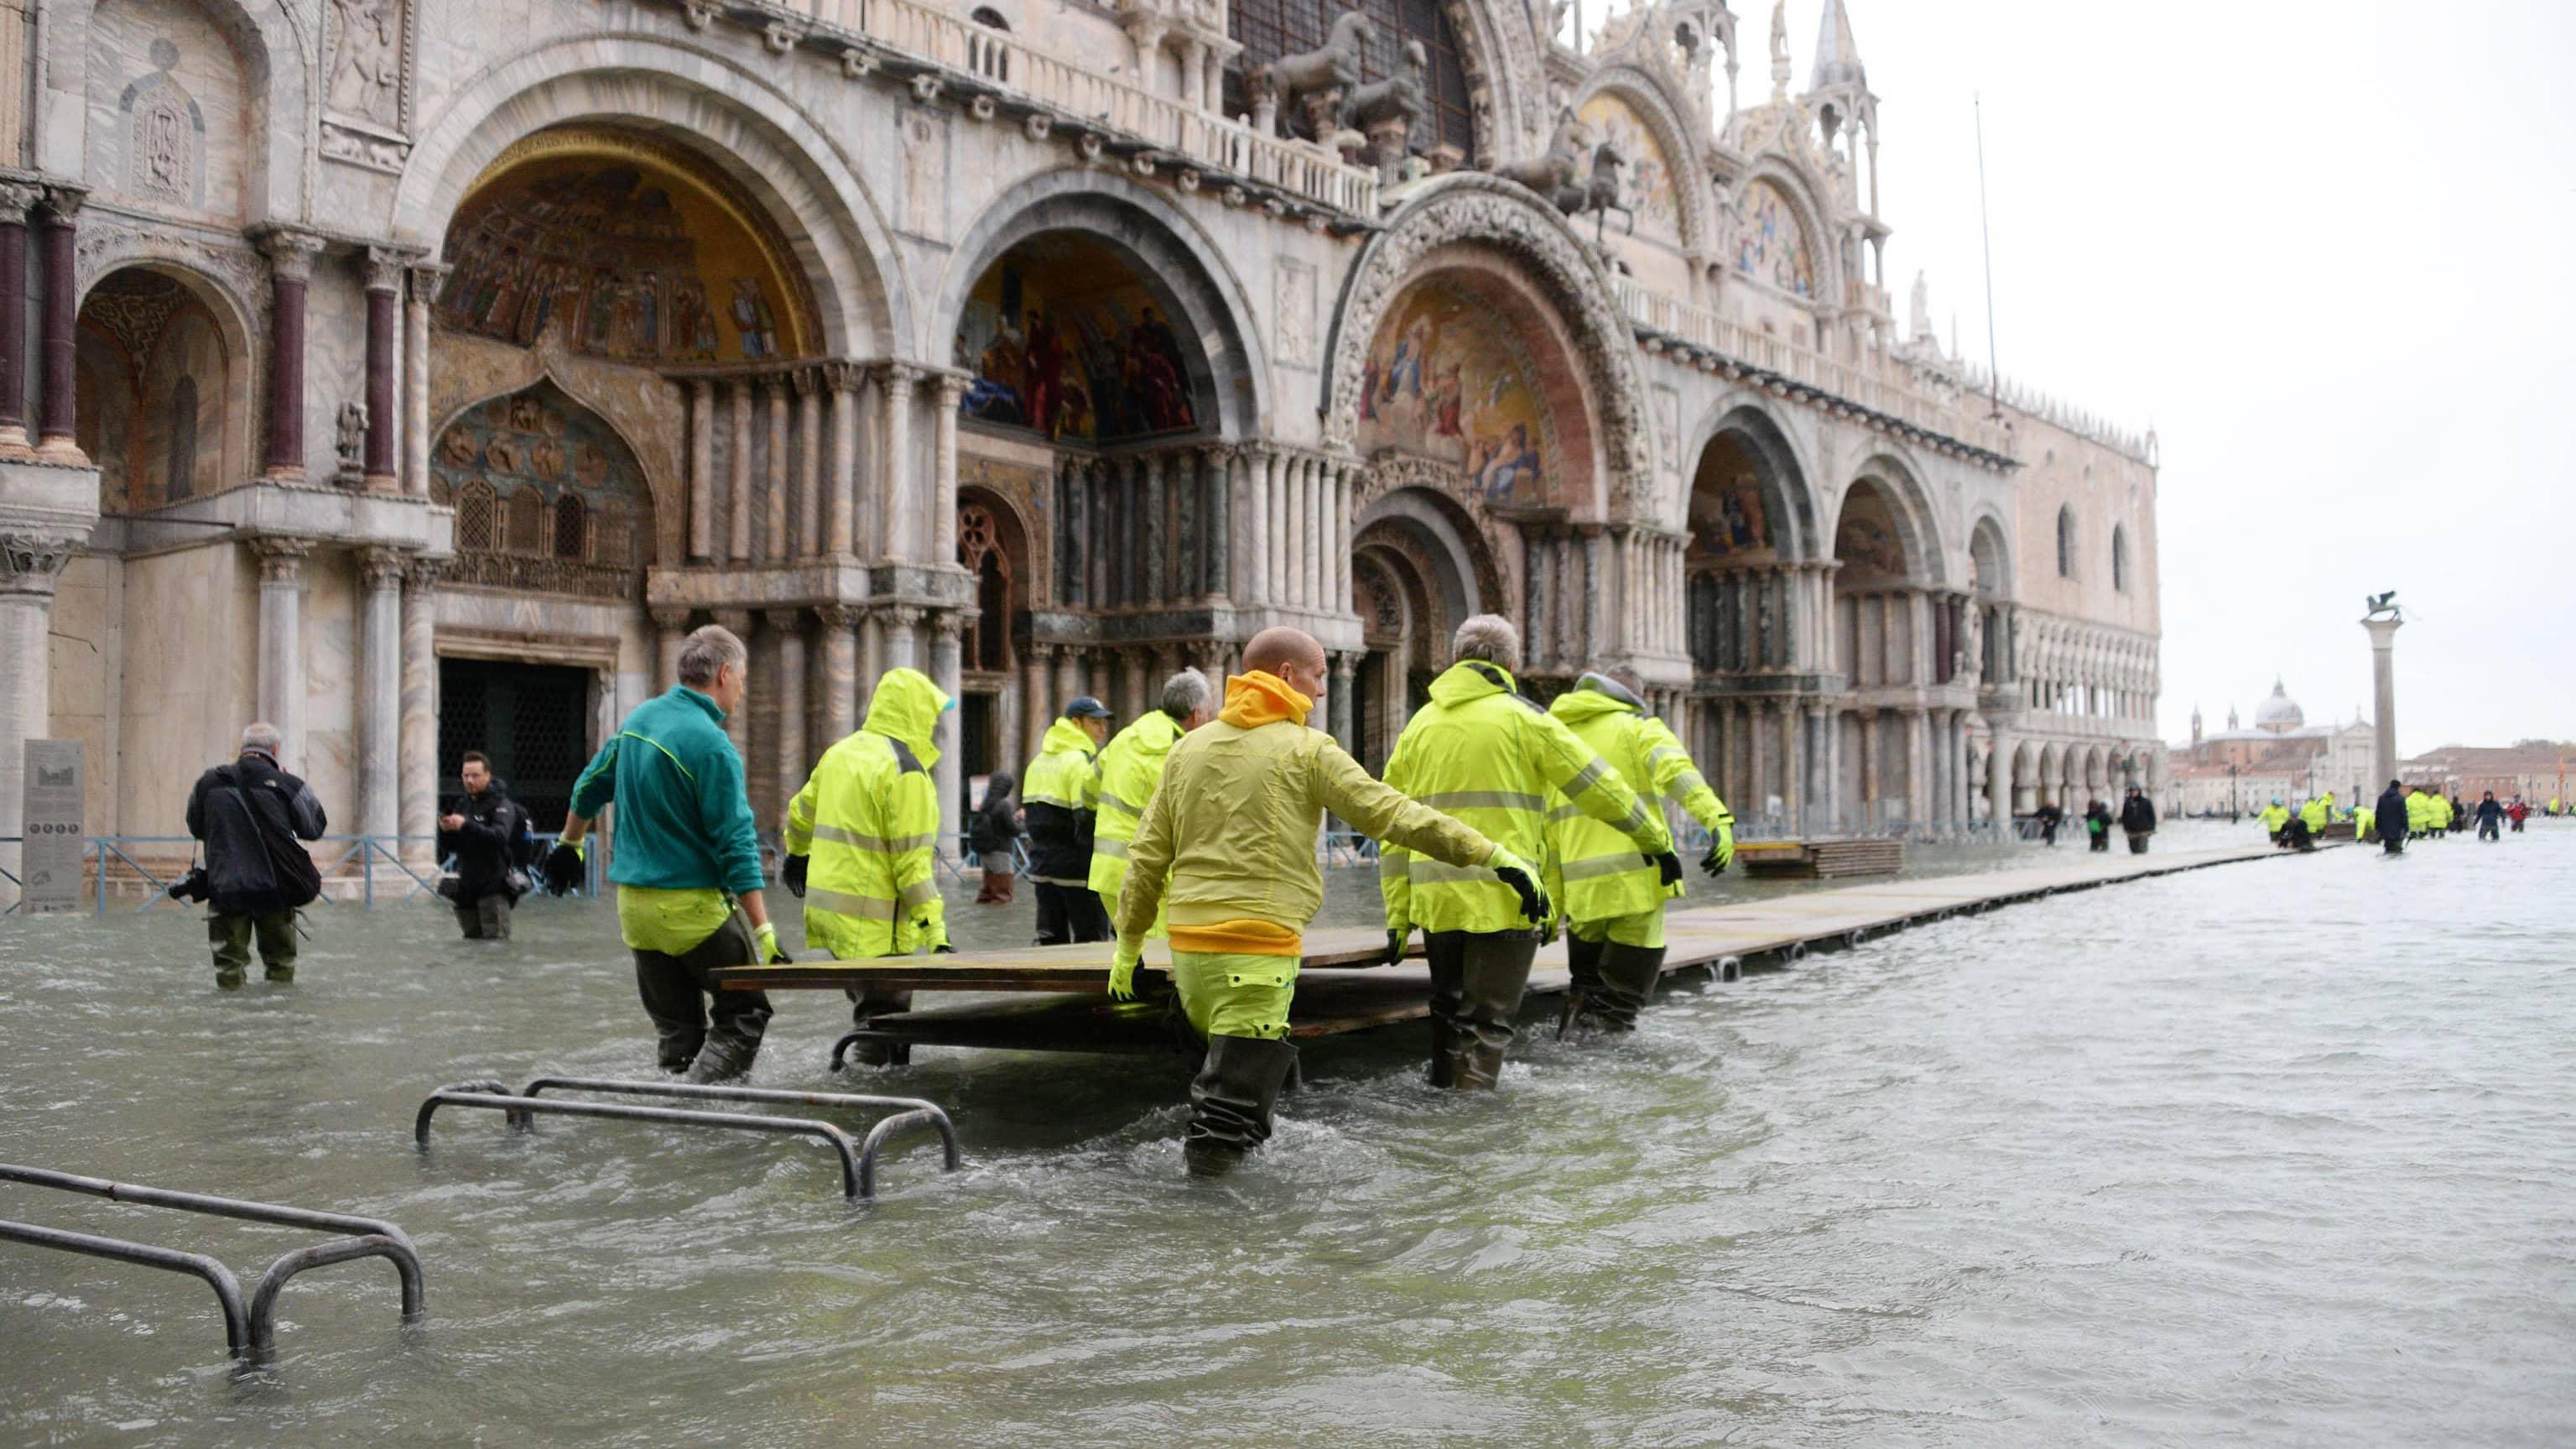 Pelastustyöntekijät kantoivat Pyhän Markuksen torilla siirrettävän sillan palasia.